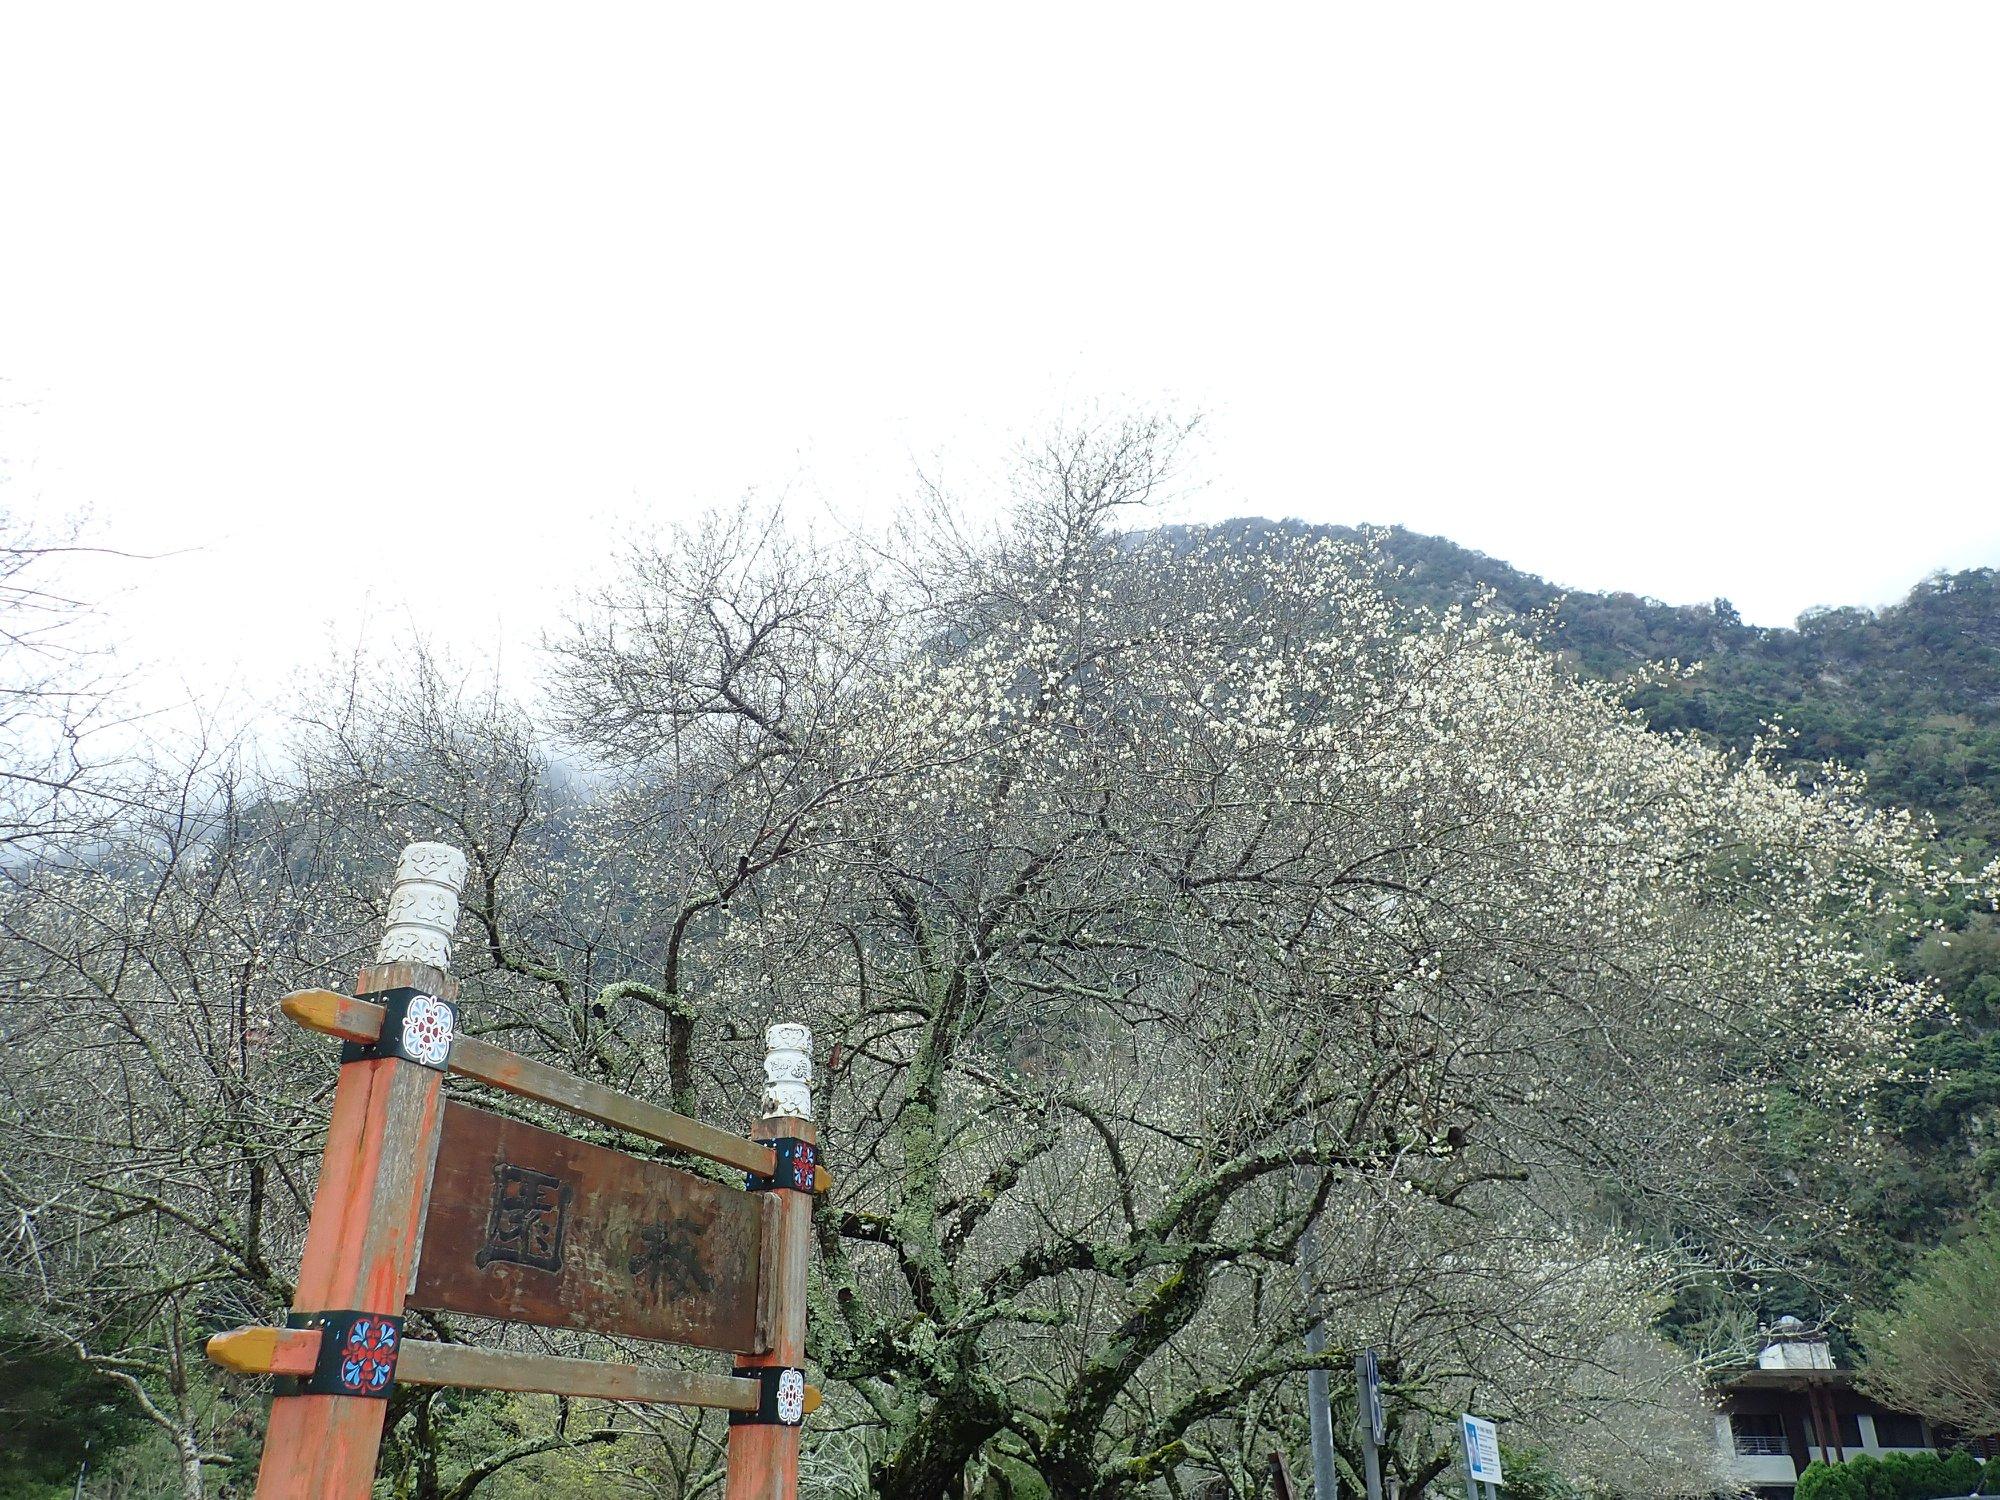 天祥梅園滿園枝枒點綴白花,與峽谷、斷崖相互映襯,散發高雅氣息。圖/太魯閣國家公園臉書粉絲專頁